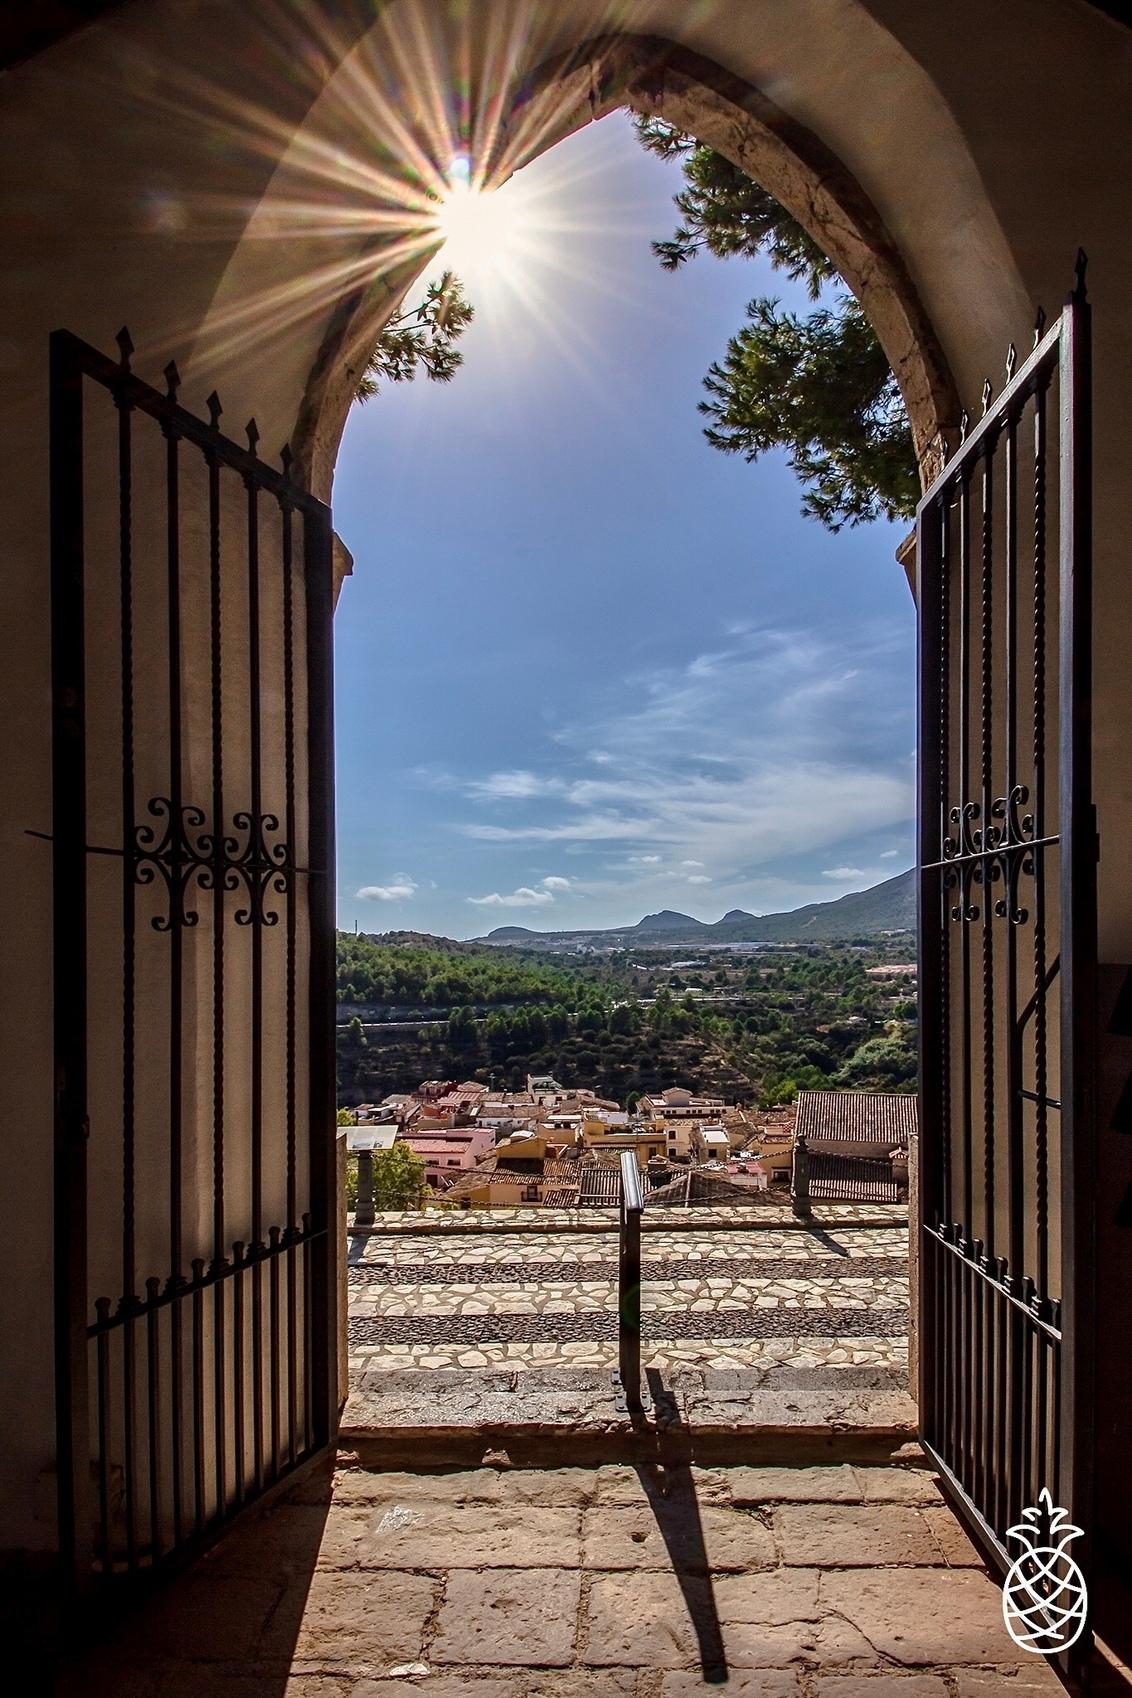 Open Gate... - Polop, Een prachtig Spaans dorpje, met fotogenieke plekjes. Dit uitzicht is van een oud kerkhof boven op een berg in het dorpje... - foto door HenkPijnappels op 13-10-2020 - deze foto bevat: lucht, wolken, zon, natuur, licht, landschap, tegenlicht, kerk, bergen, spanje, kleurrijk